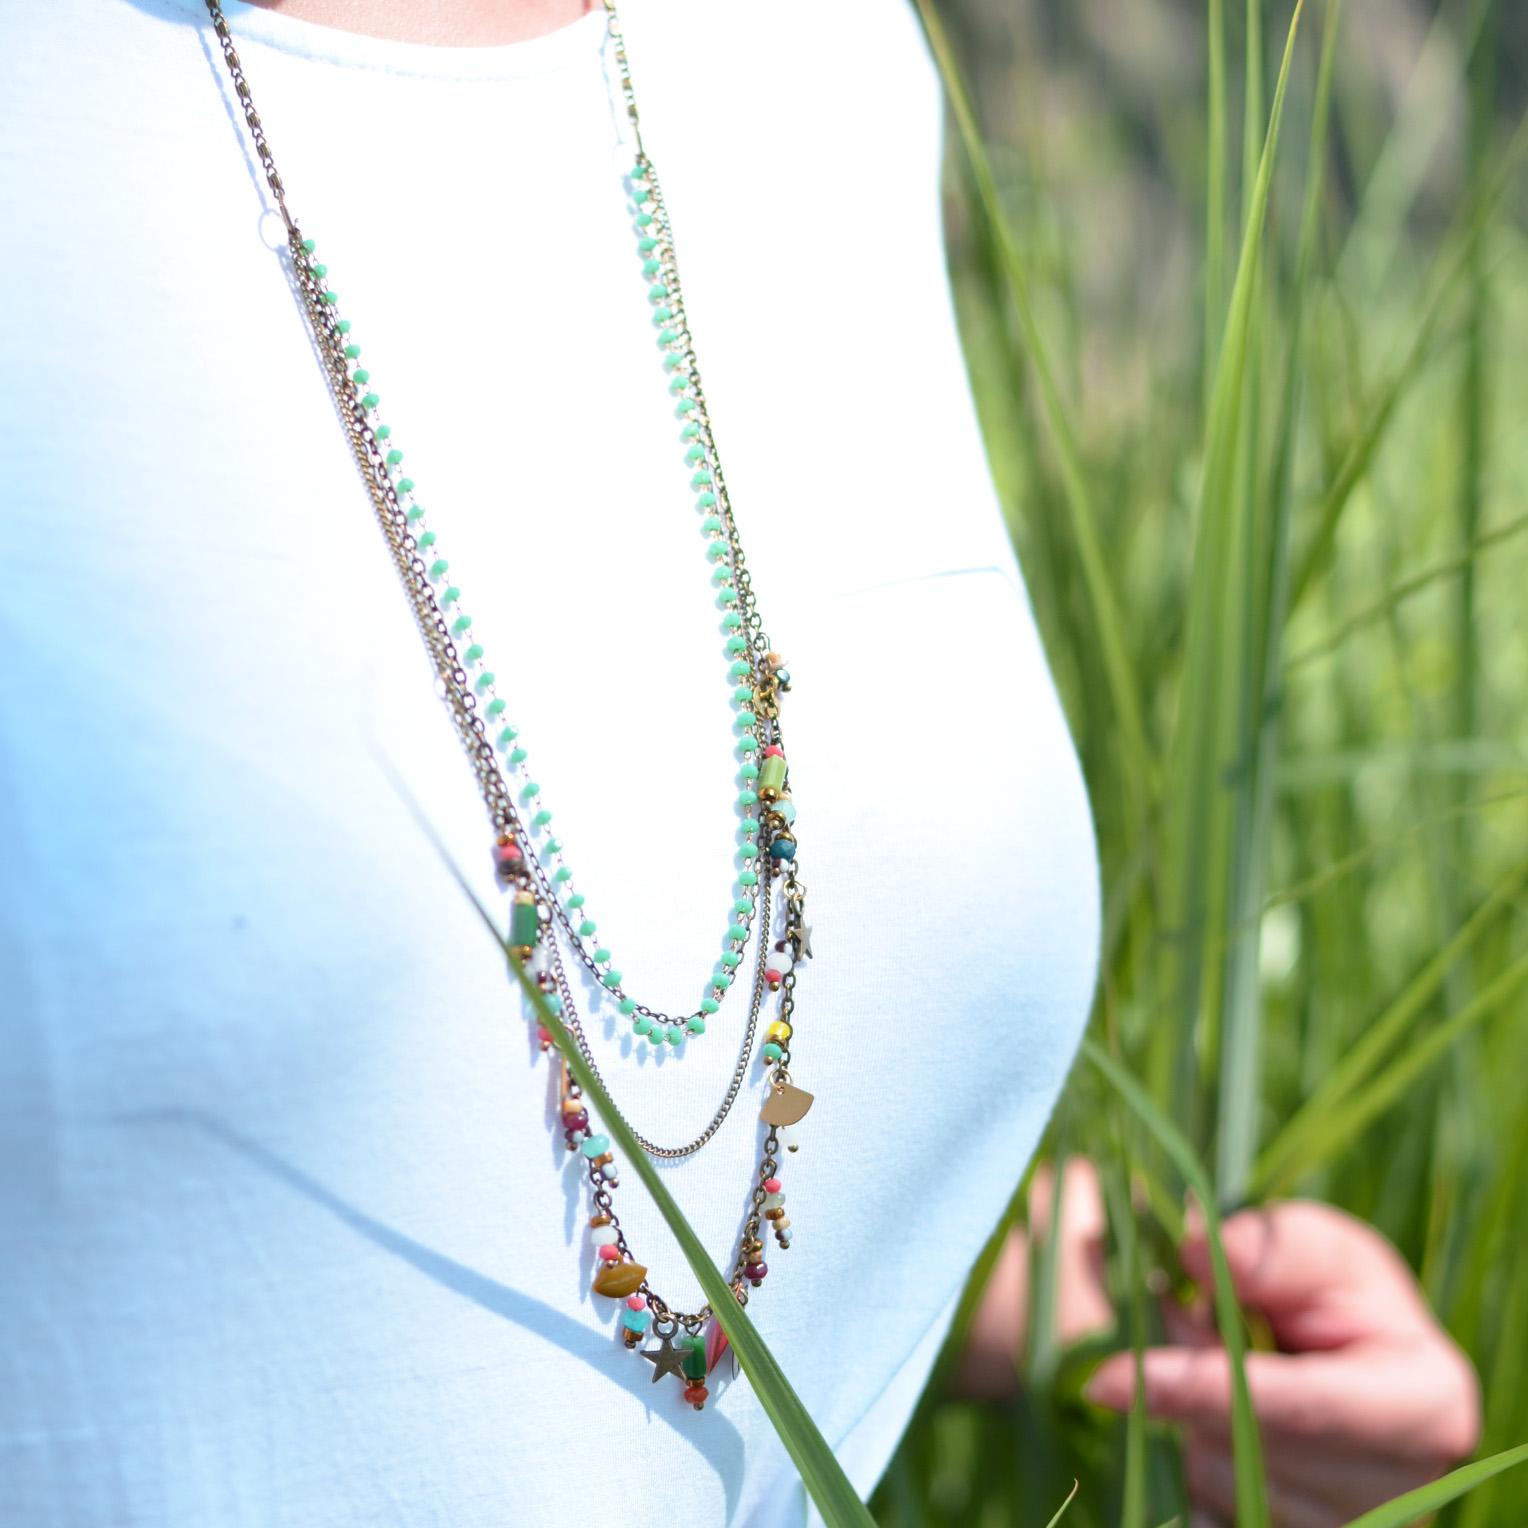 Sautoir DIY chaine perles